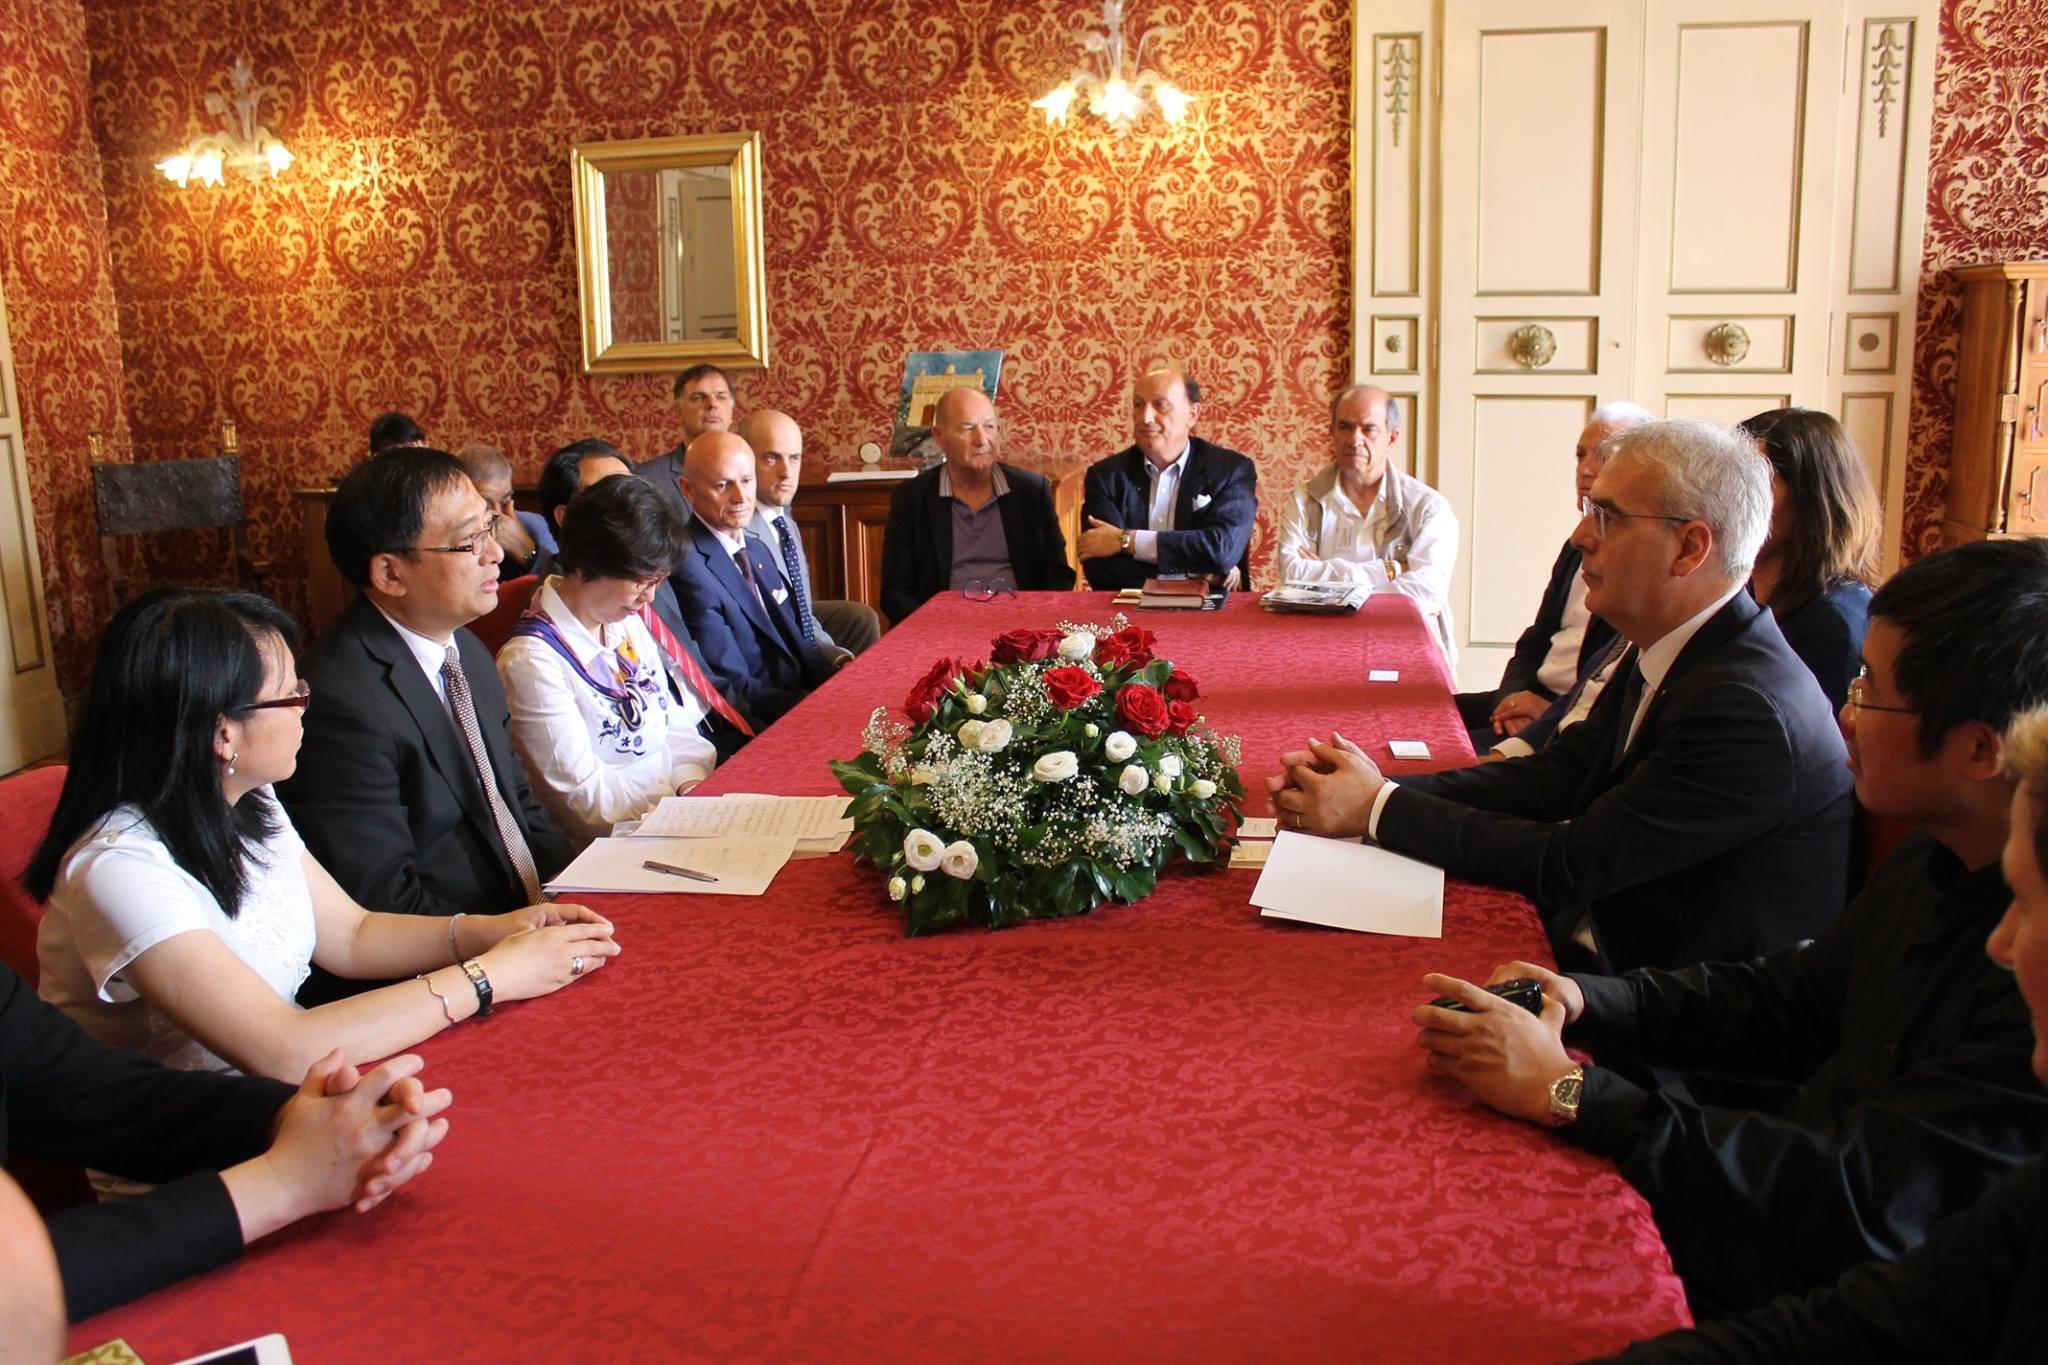 Macerata-Cina, incontro con la delegazione di Xuhui